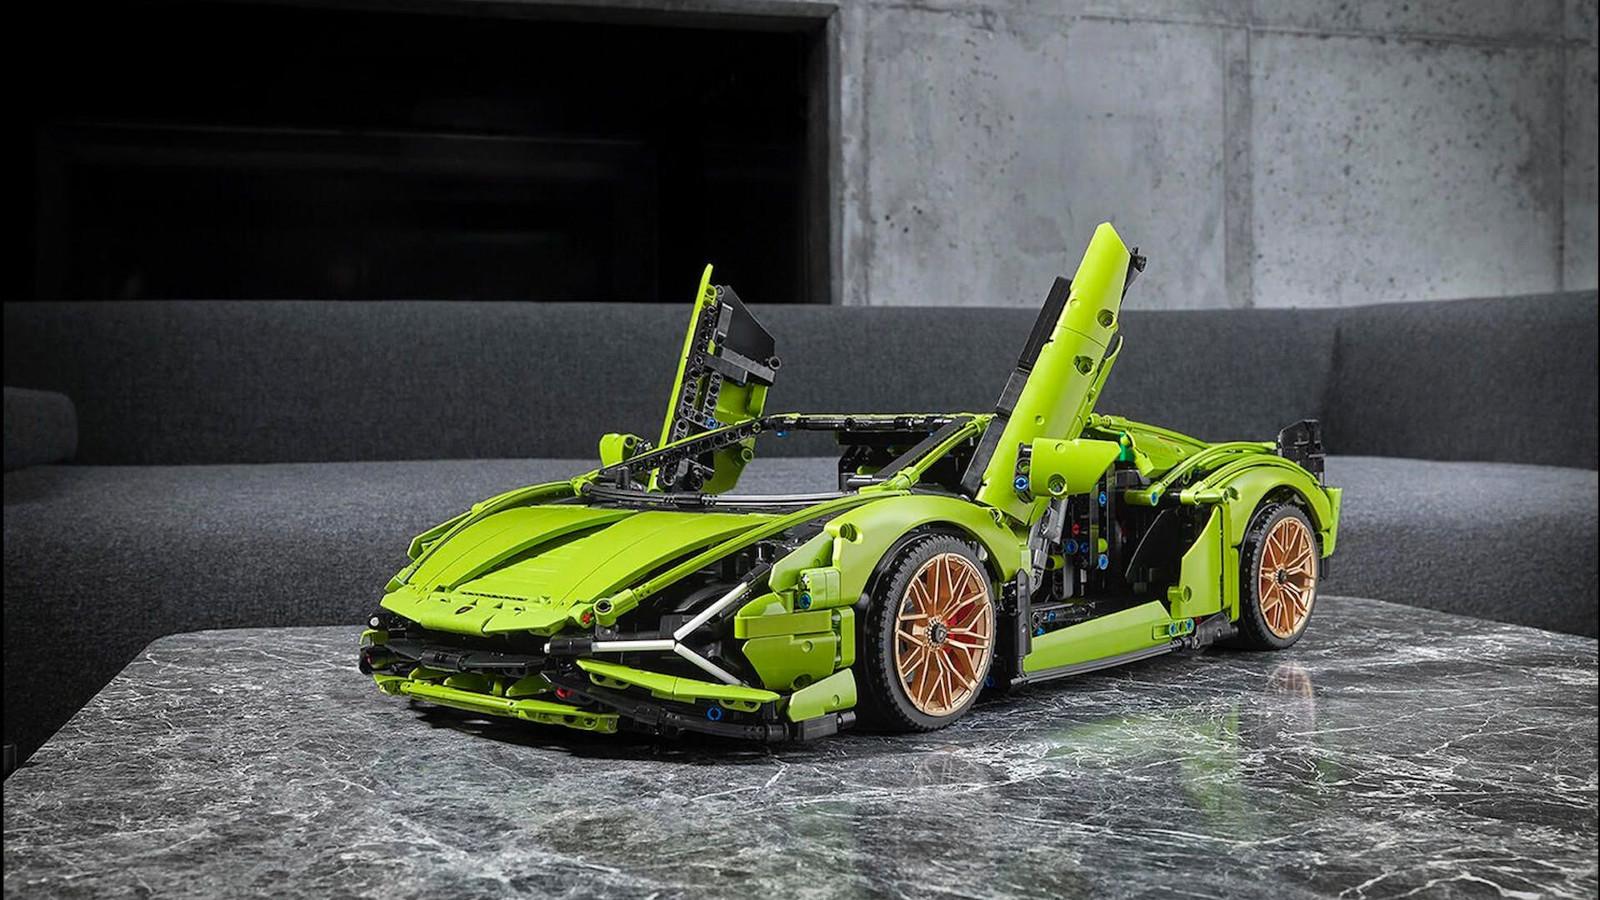 De nieuwste Lego-auto is een Lamborghini die bestaat uit 3696 onderdelen.